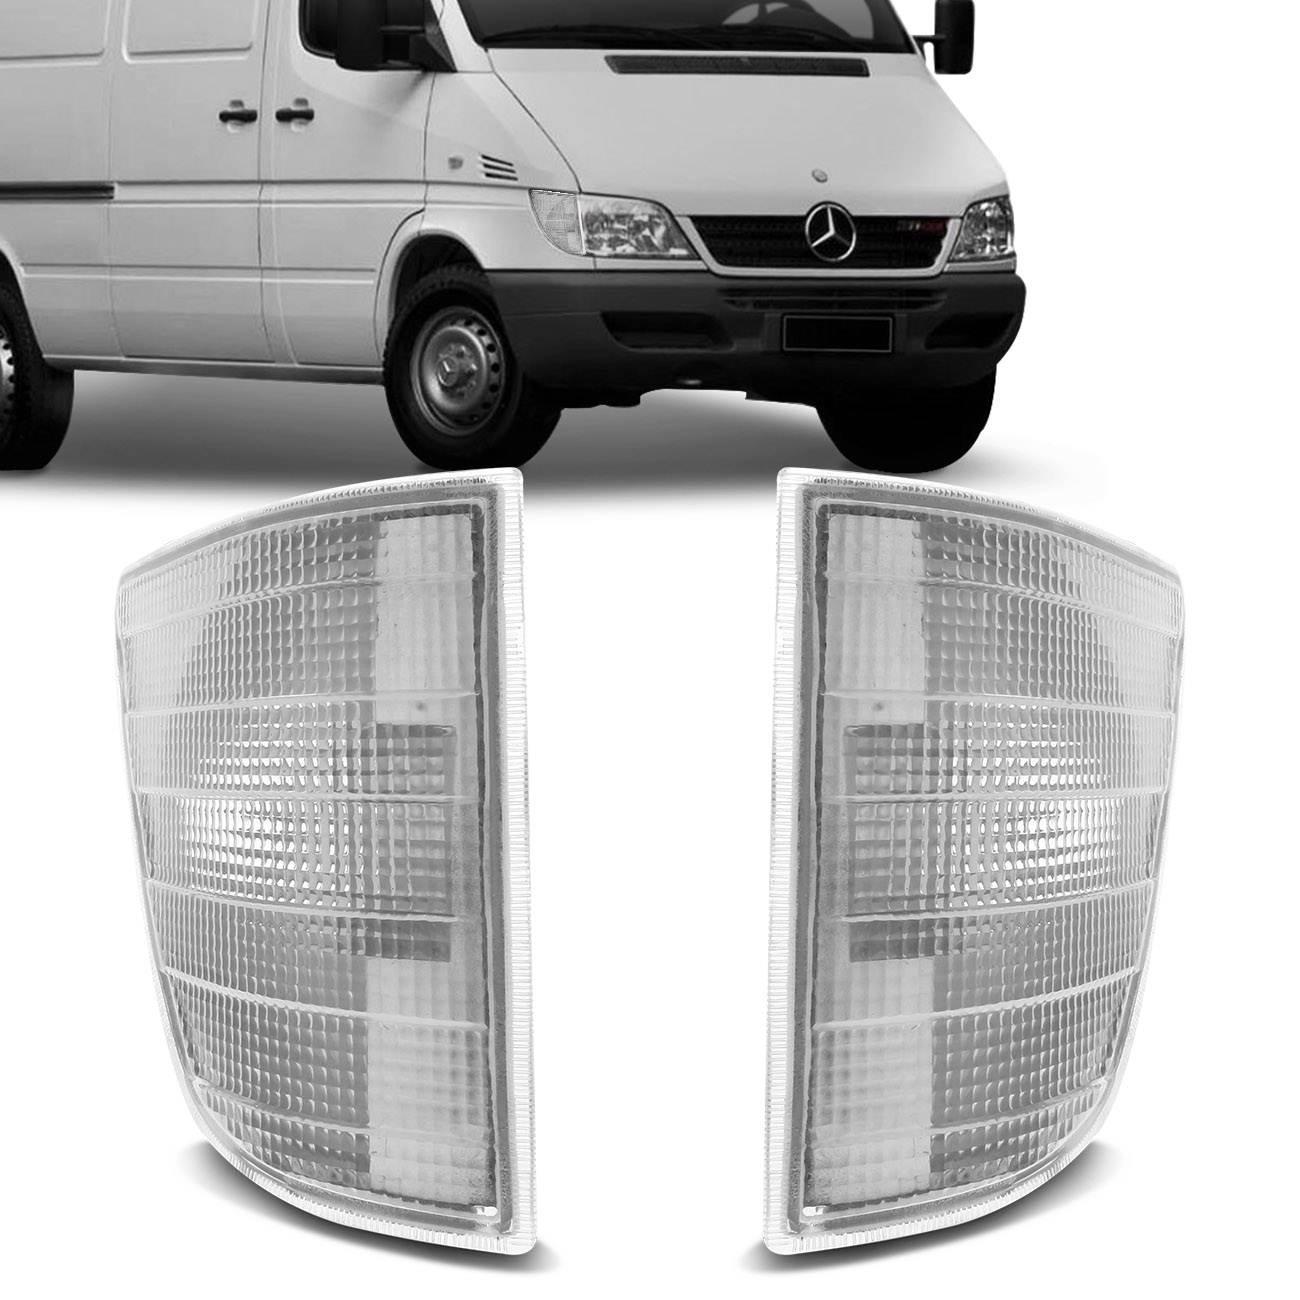 Lanterna Dianteira Pisca Sprinter 95 a 02 Cristal Lado Direito + Lado Esquerdo